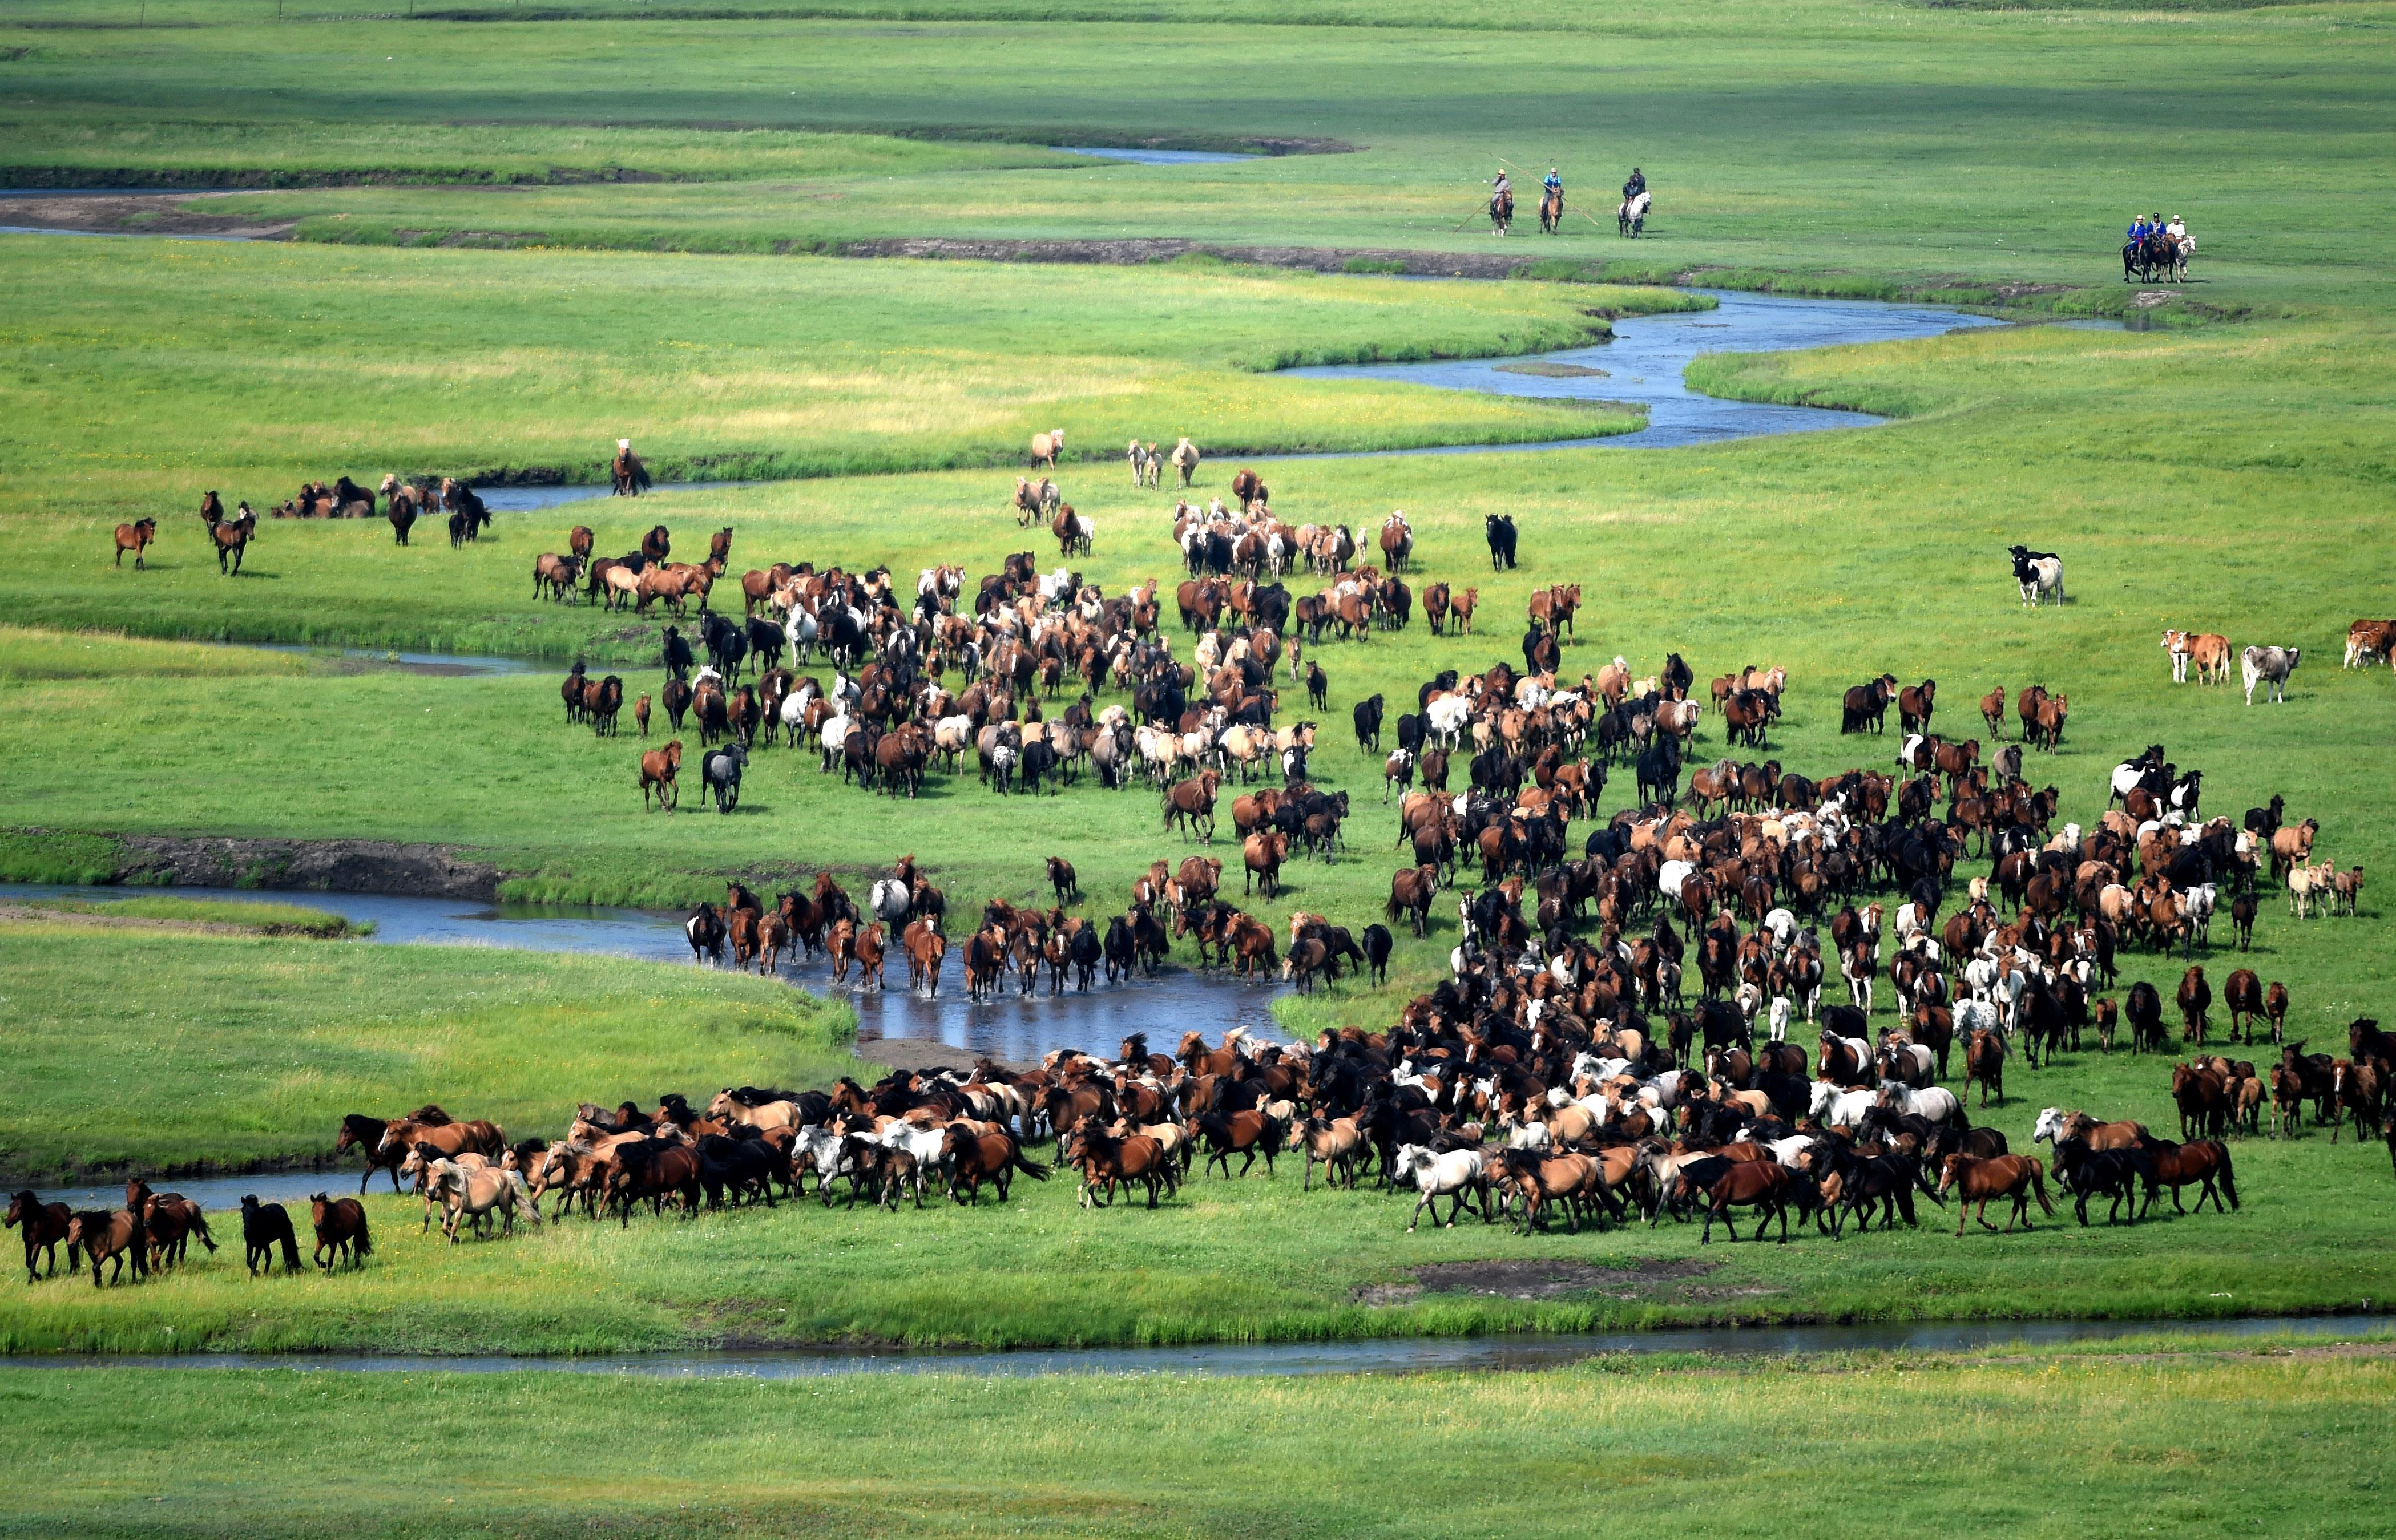 """7月20日,馬群在乃林高勒草原上奔馳。     盛夏的內蒙古東烏珠穆沁旗乃林高勒草原綠草如茵,氣候宜人。連日來,在""""四季烏珠穆沁""""馬文化主題活動上,牧人趕著馬群在綠色的草原上馳騁,氣勢磅礴,構成一道美麗的風景。     新華社記者 劉磊 攝"""